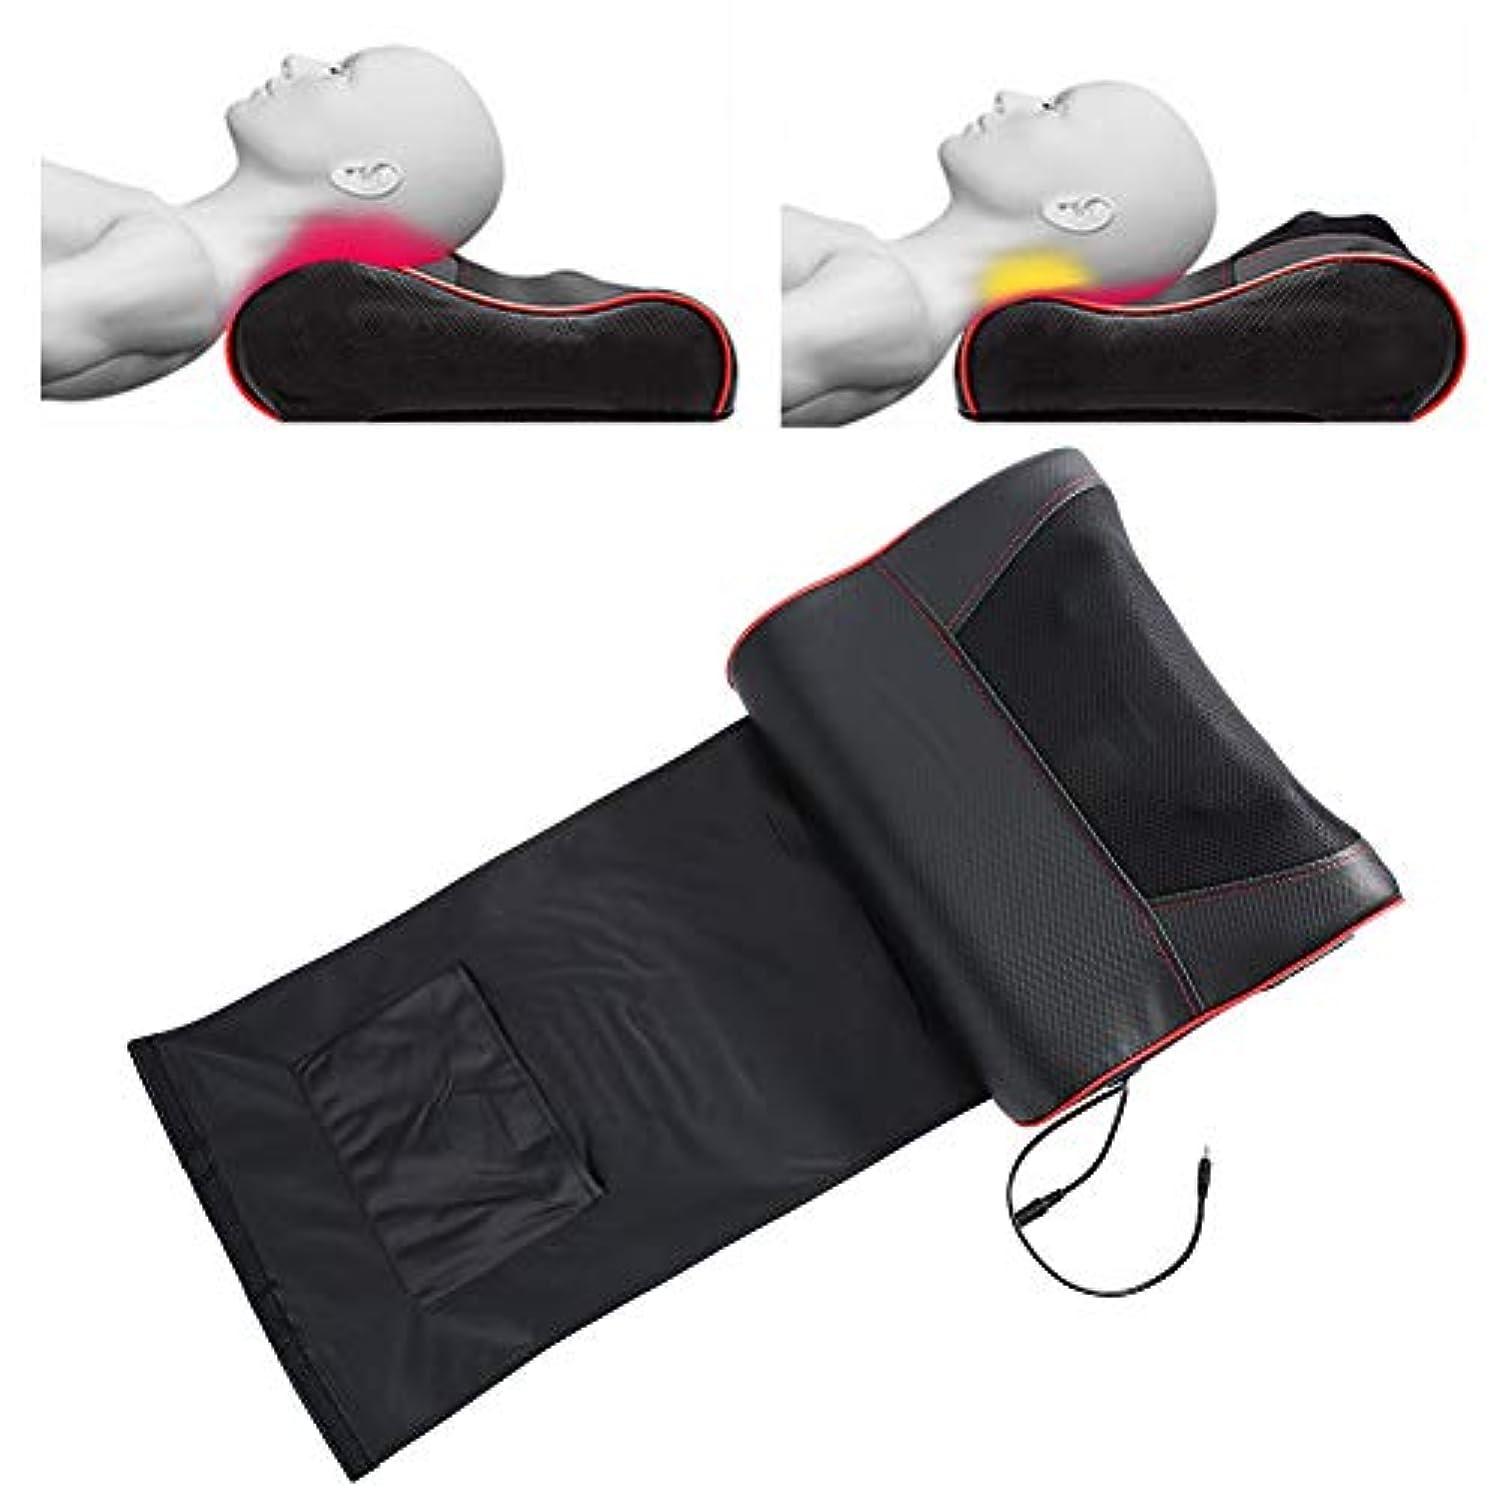 ベル糸ログ頸部マッサージ枕、多機能マッサージ枕、灸ホットコンプレックスネックウエストショルダーマッサージ用全身筋肉痛(US-Plug)